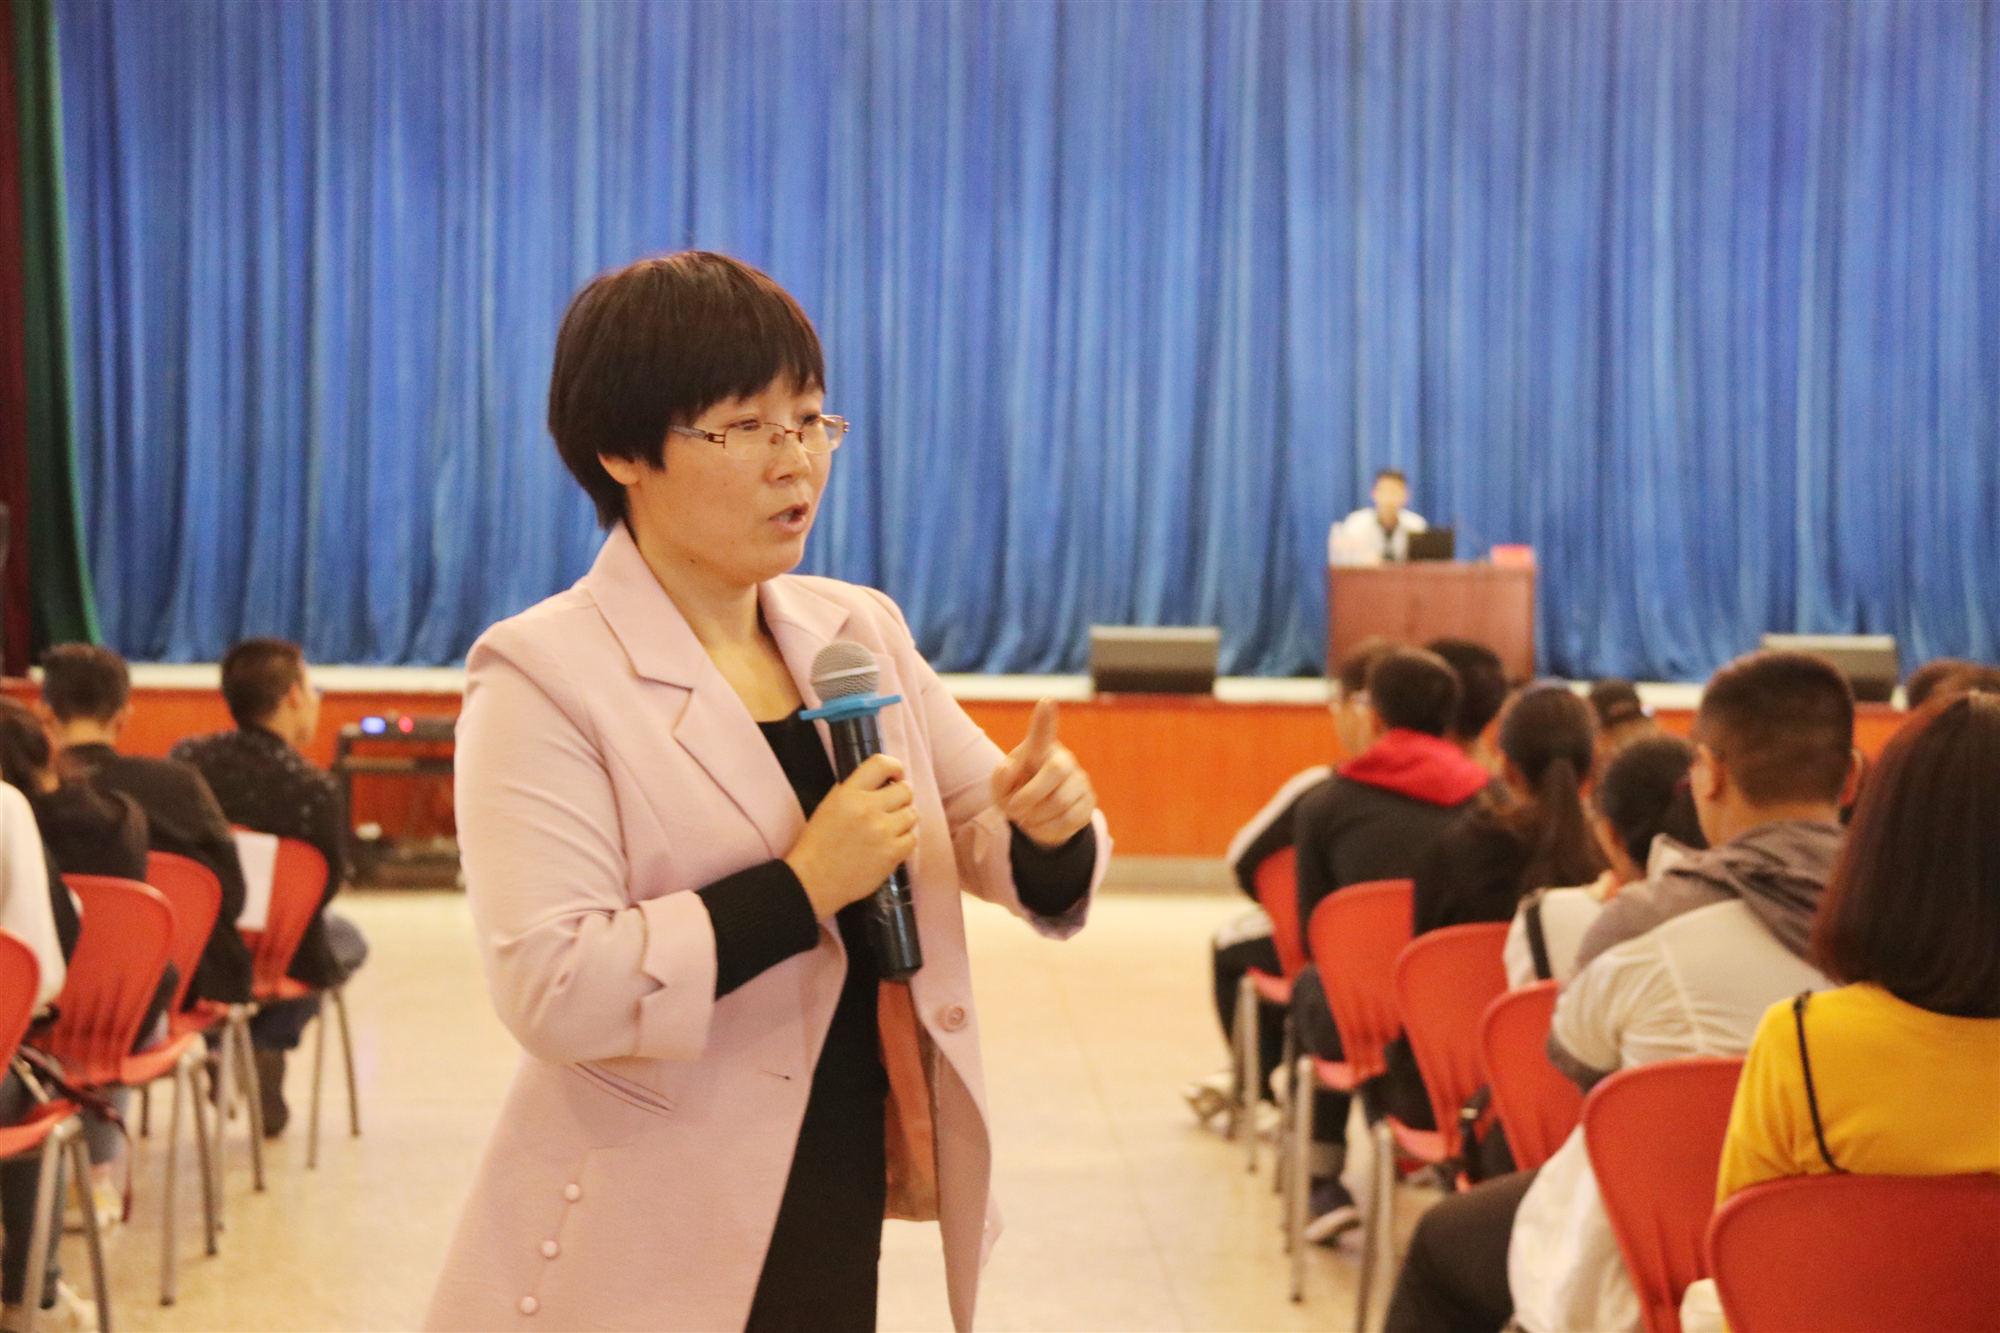 高中生入学教育视频_新生入学的首月是适应性教育的关键期,是高中生向大学生过渡的重要